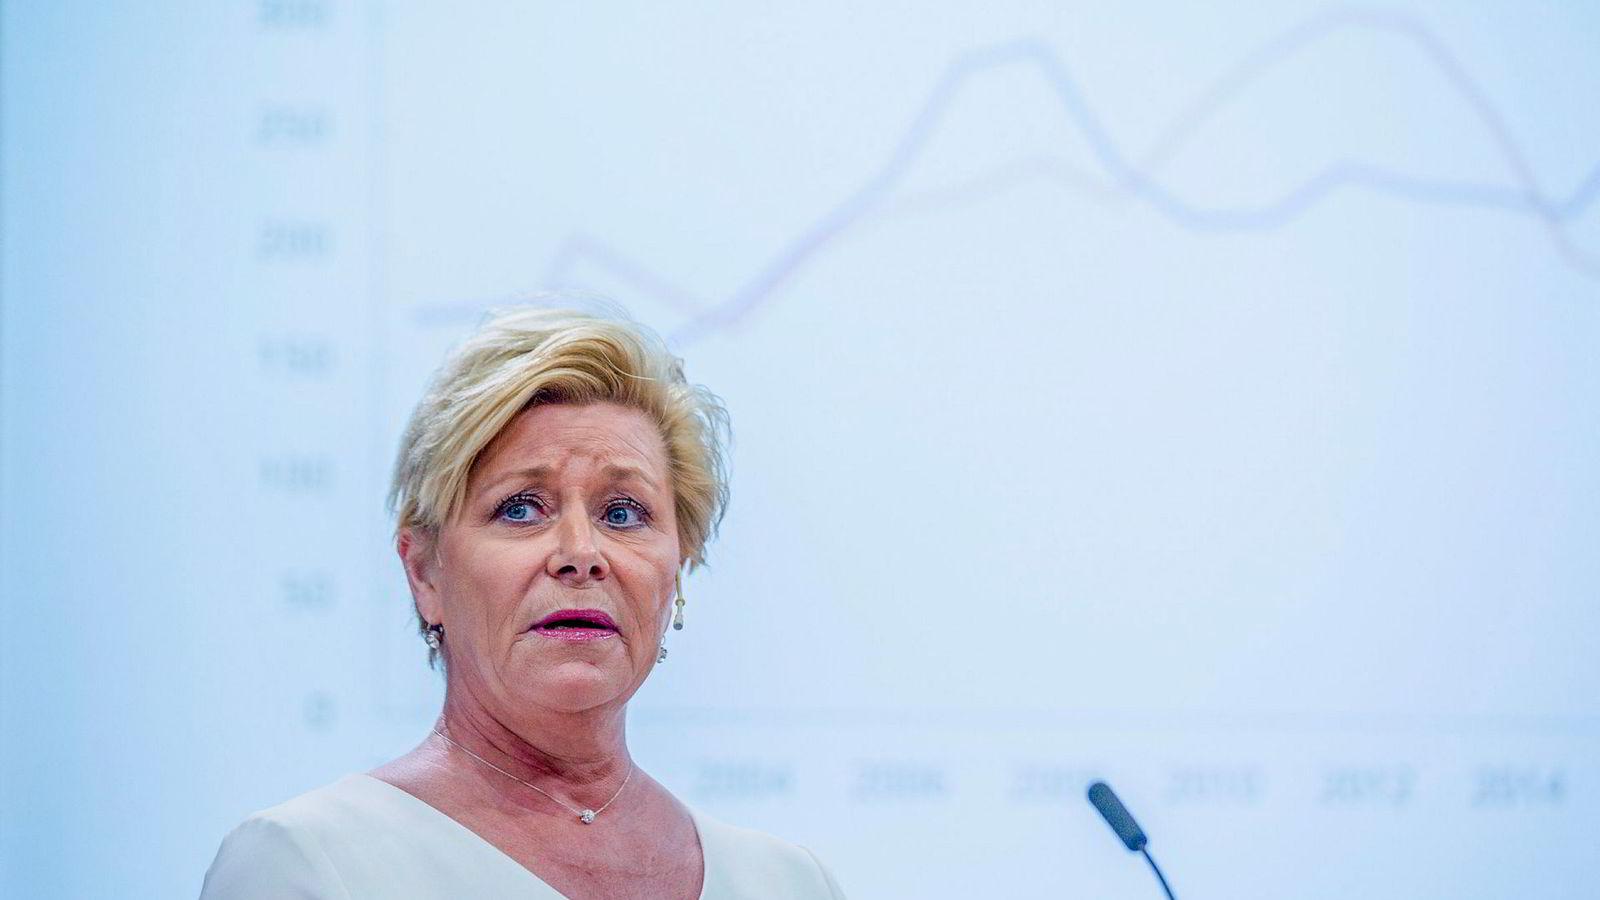 Frp-leder Siv Jensen sier hun ikke er fornøyd med målingen som viser at MDG er større enn Frp.